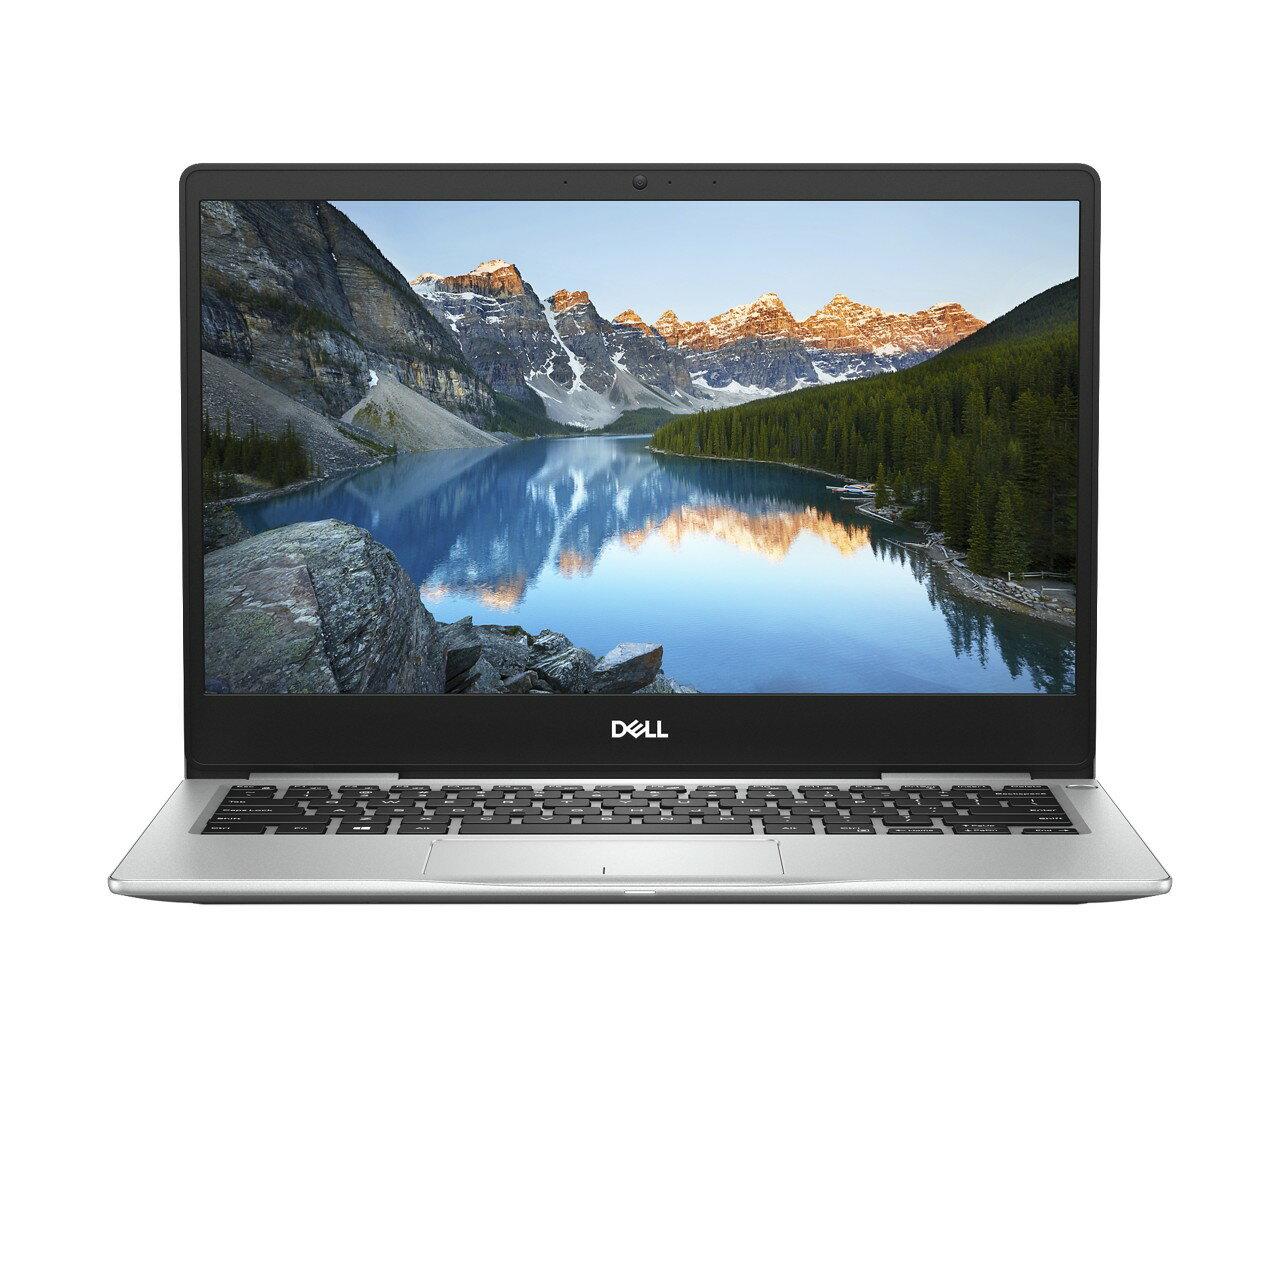 """Dell Inspiron 13 7000 13.3"""" Laptop (4-Core i7-8565U / 8GB / 256GB SSD)"""